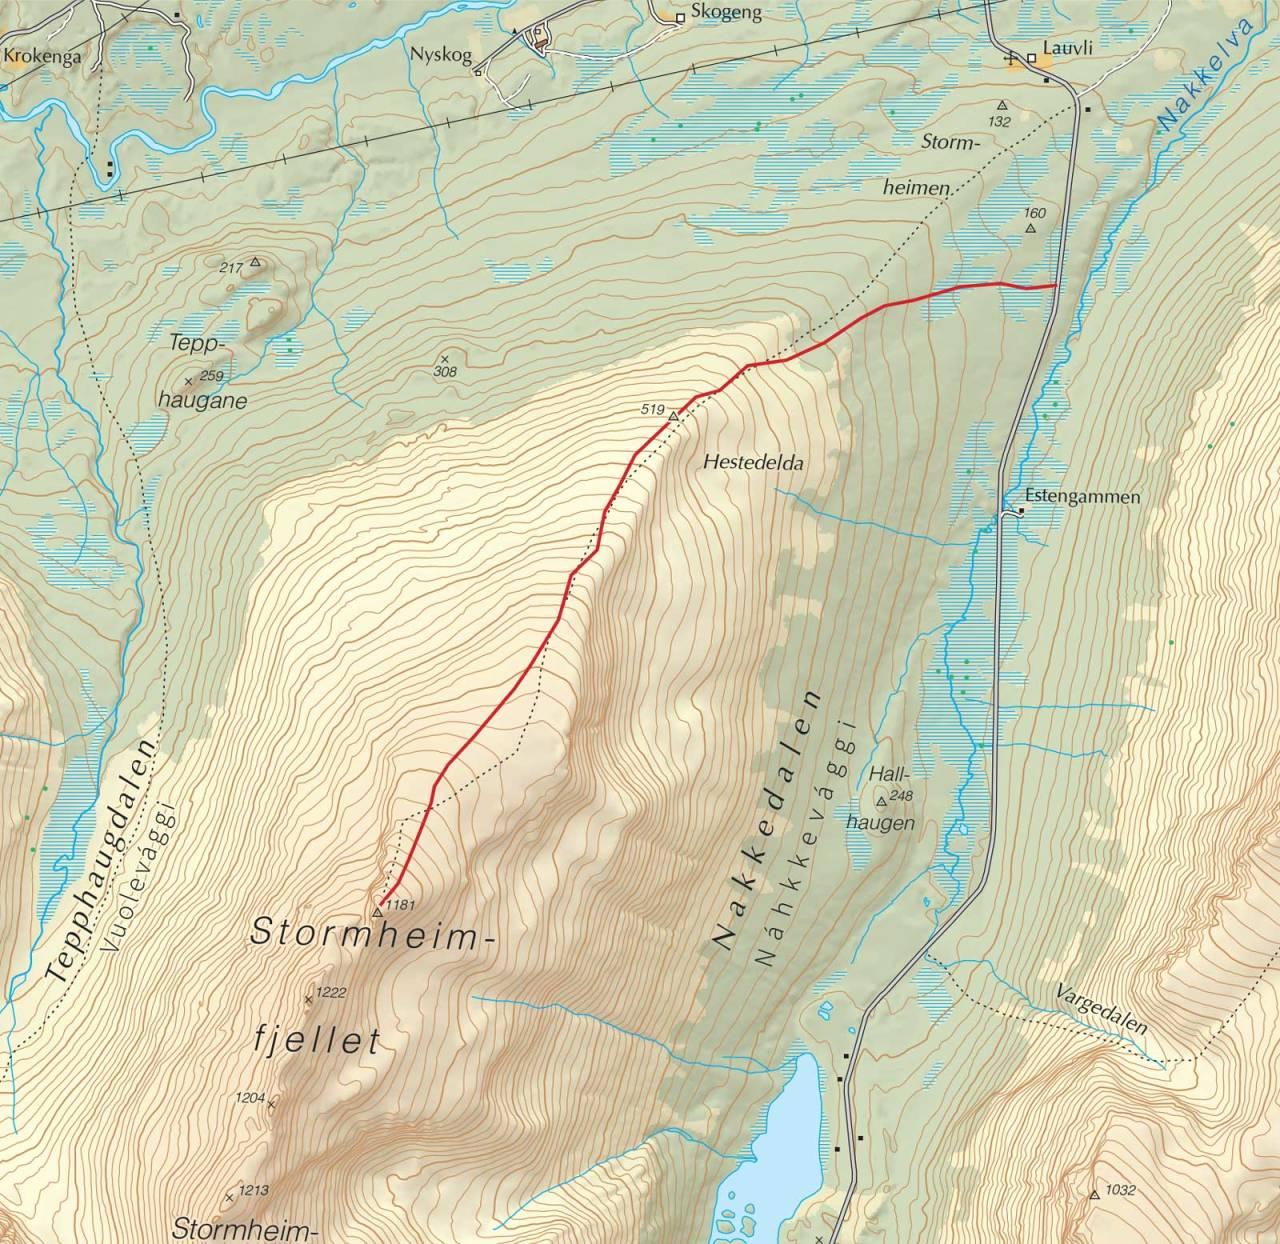 Kart over Stormheimfjellet med inntegnet rute. Fra Trygge toppturer.